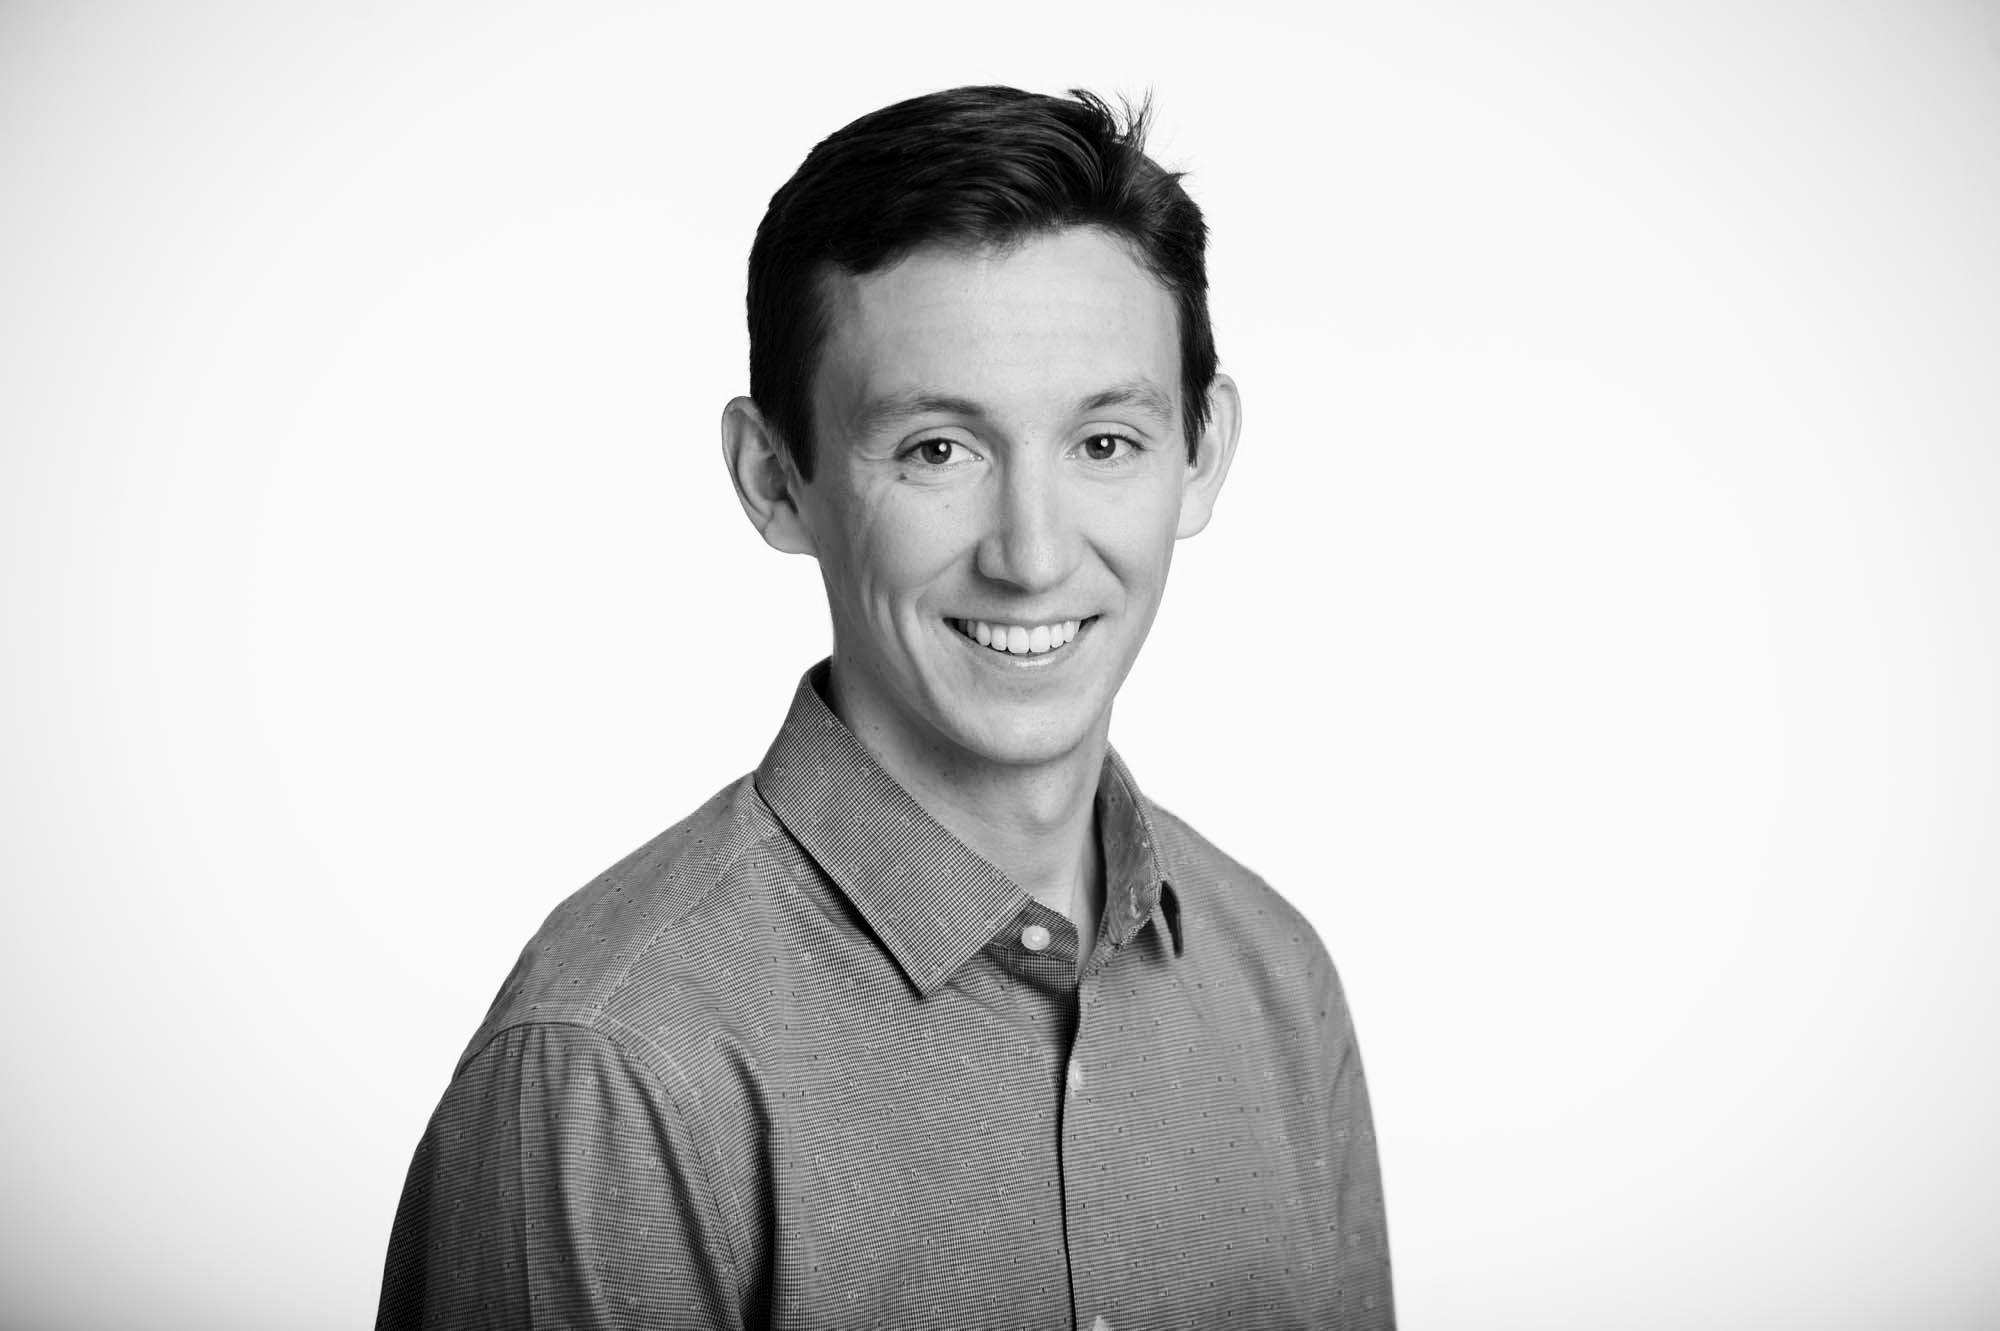 Gordon Finnegan - Principal